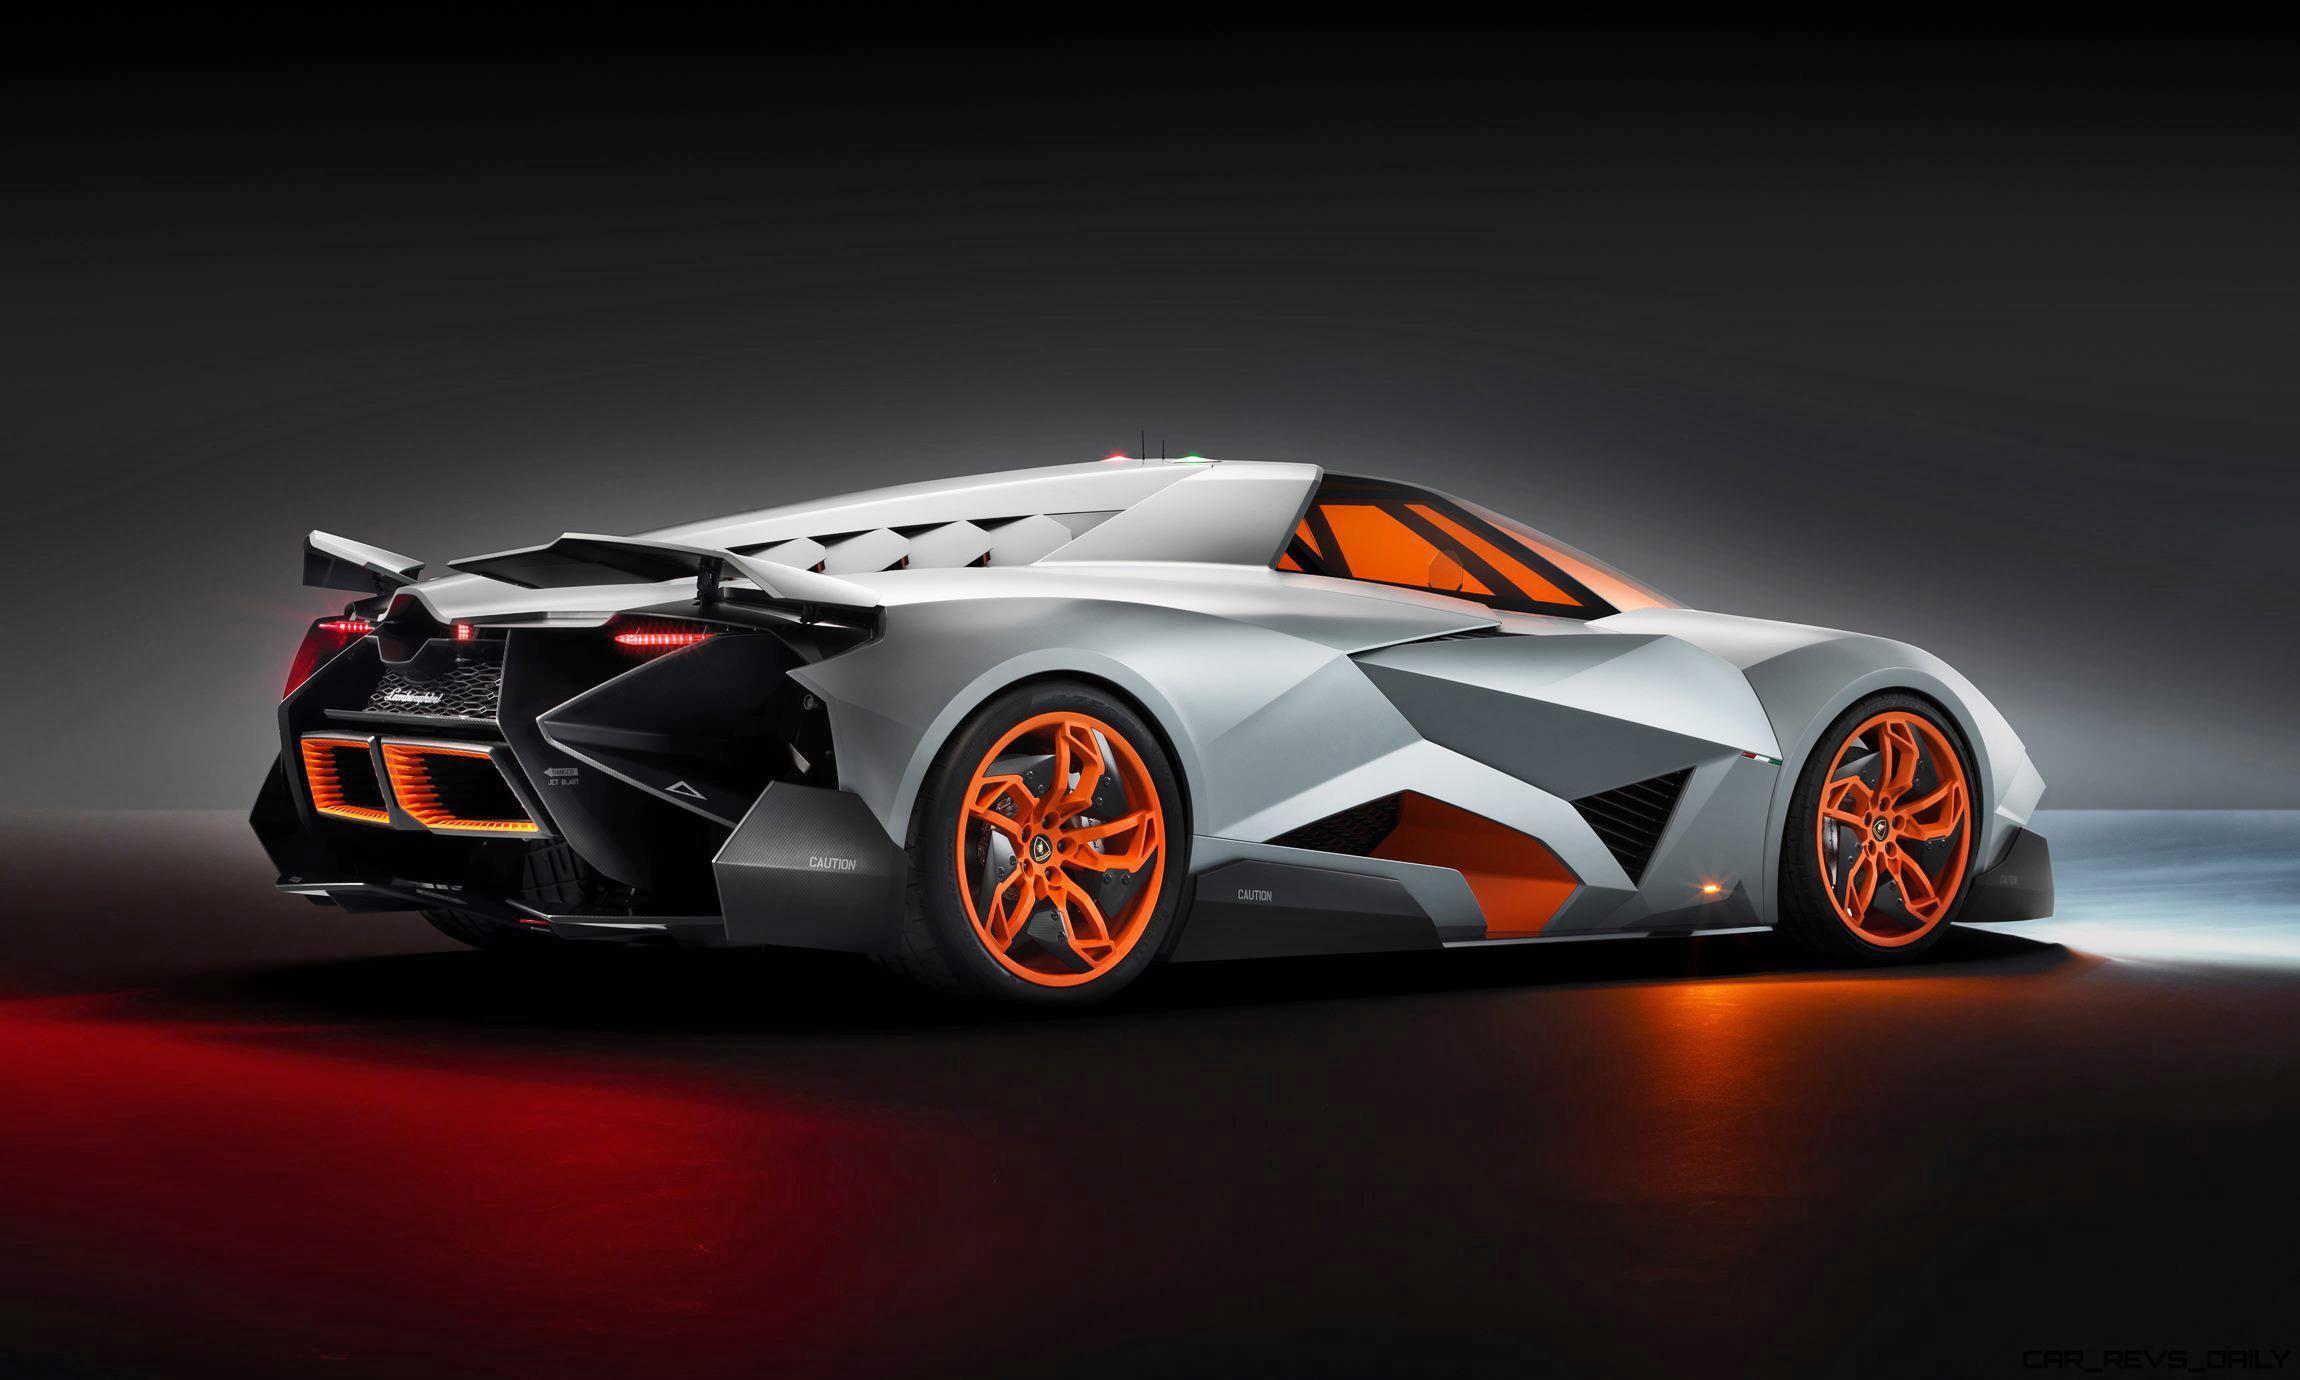 home cars lamborghini egoista - Lamborghini Egoista Police